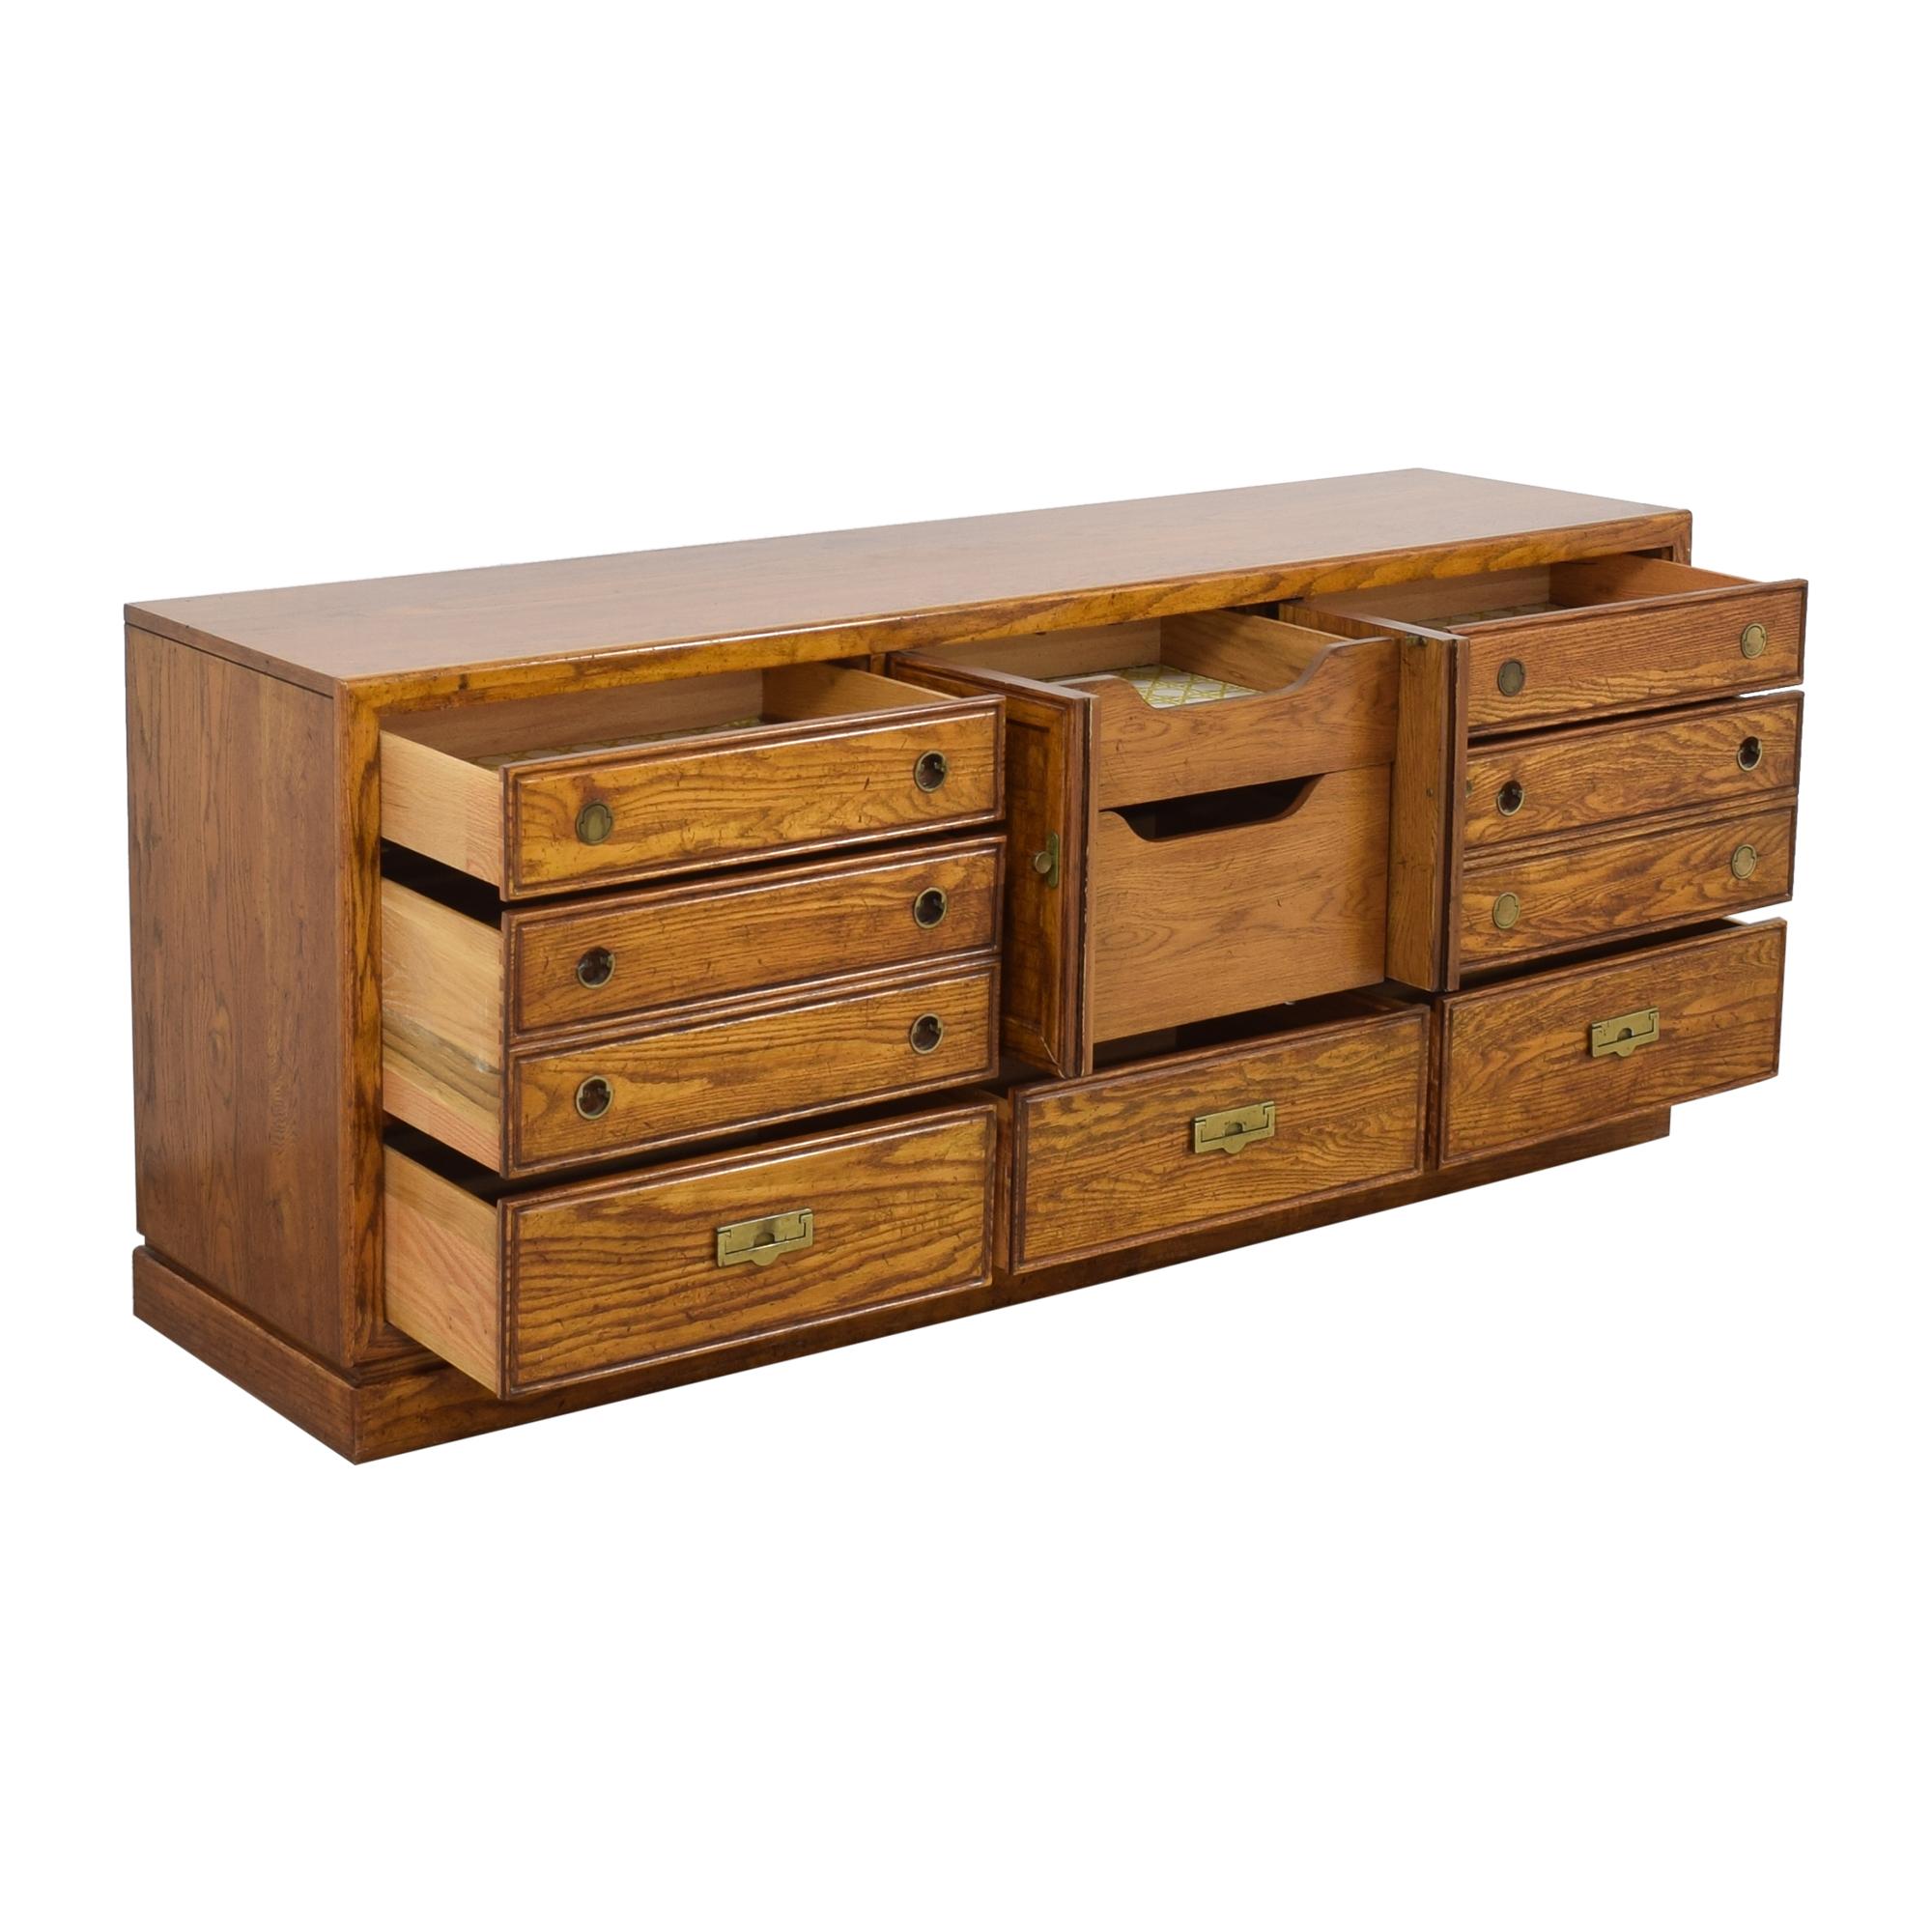 Thomasville Thomasville Vintage Dresser dimensions